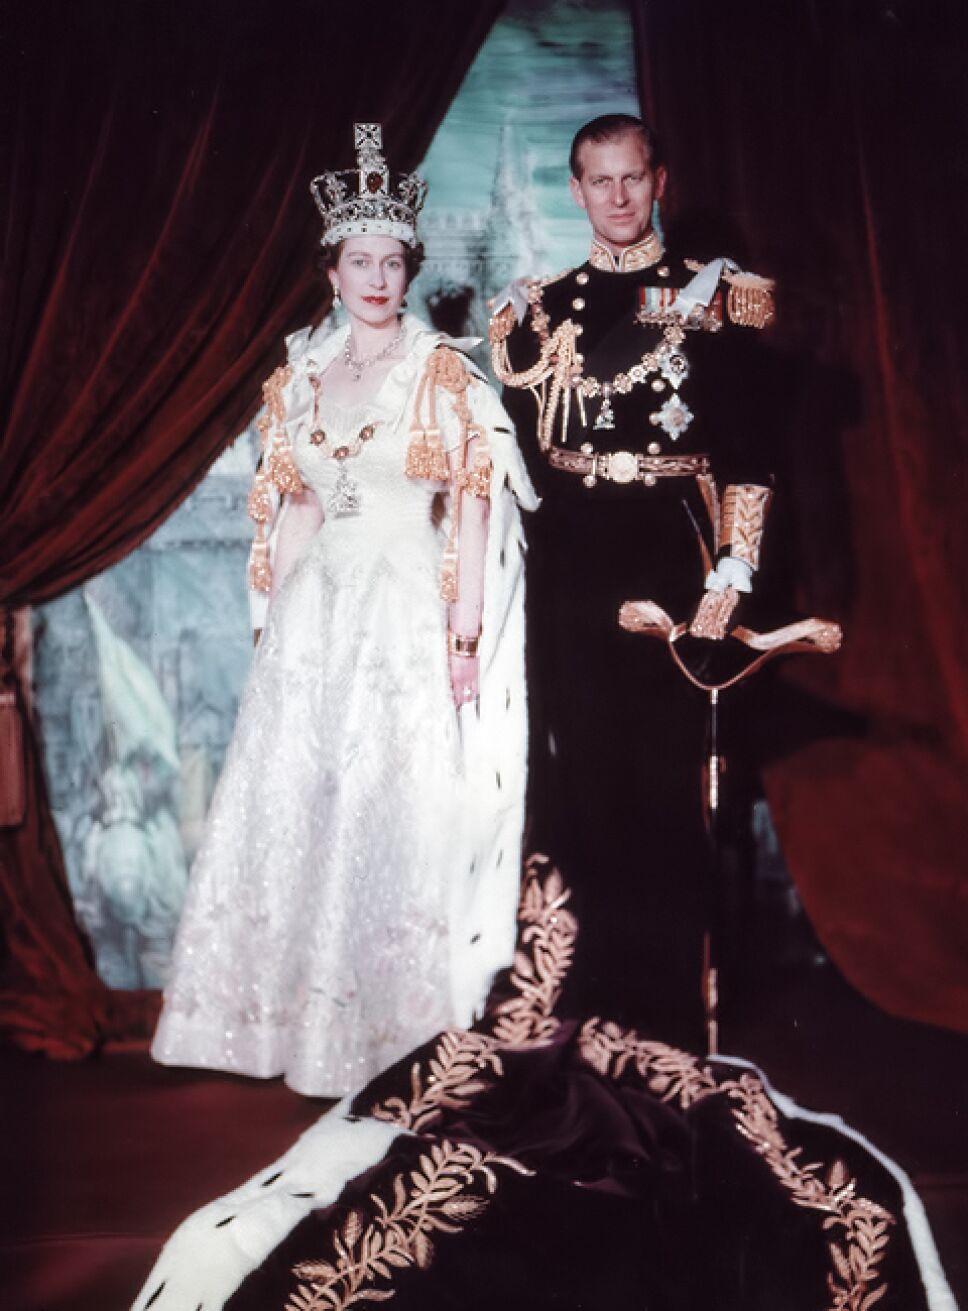 Felipe de Edimburgo: Así lucía el esposo de la reina Isabel cuando era joven